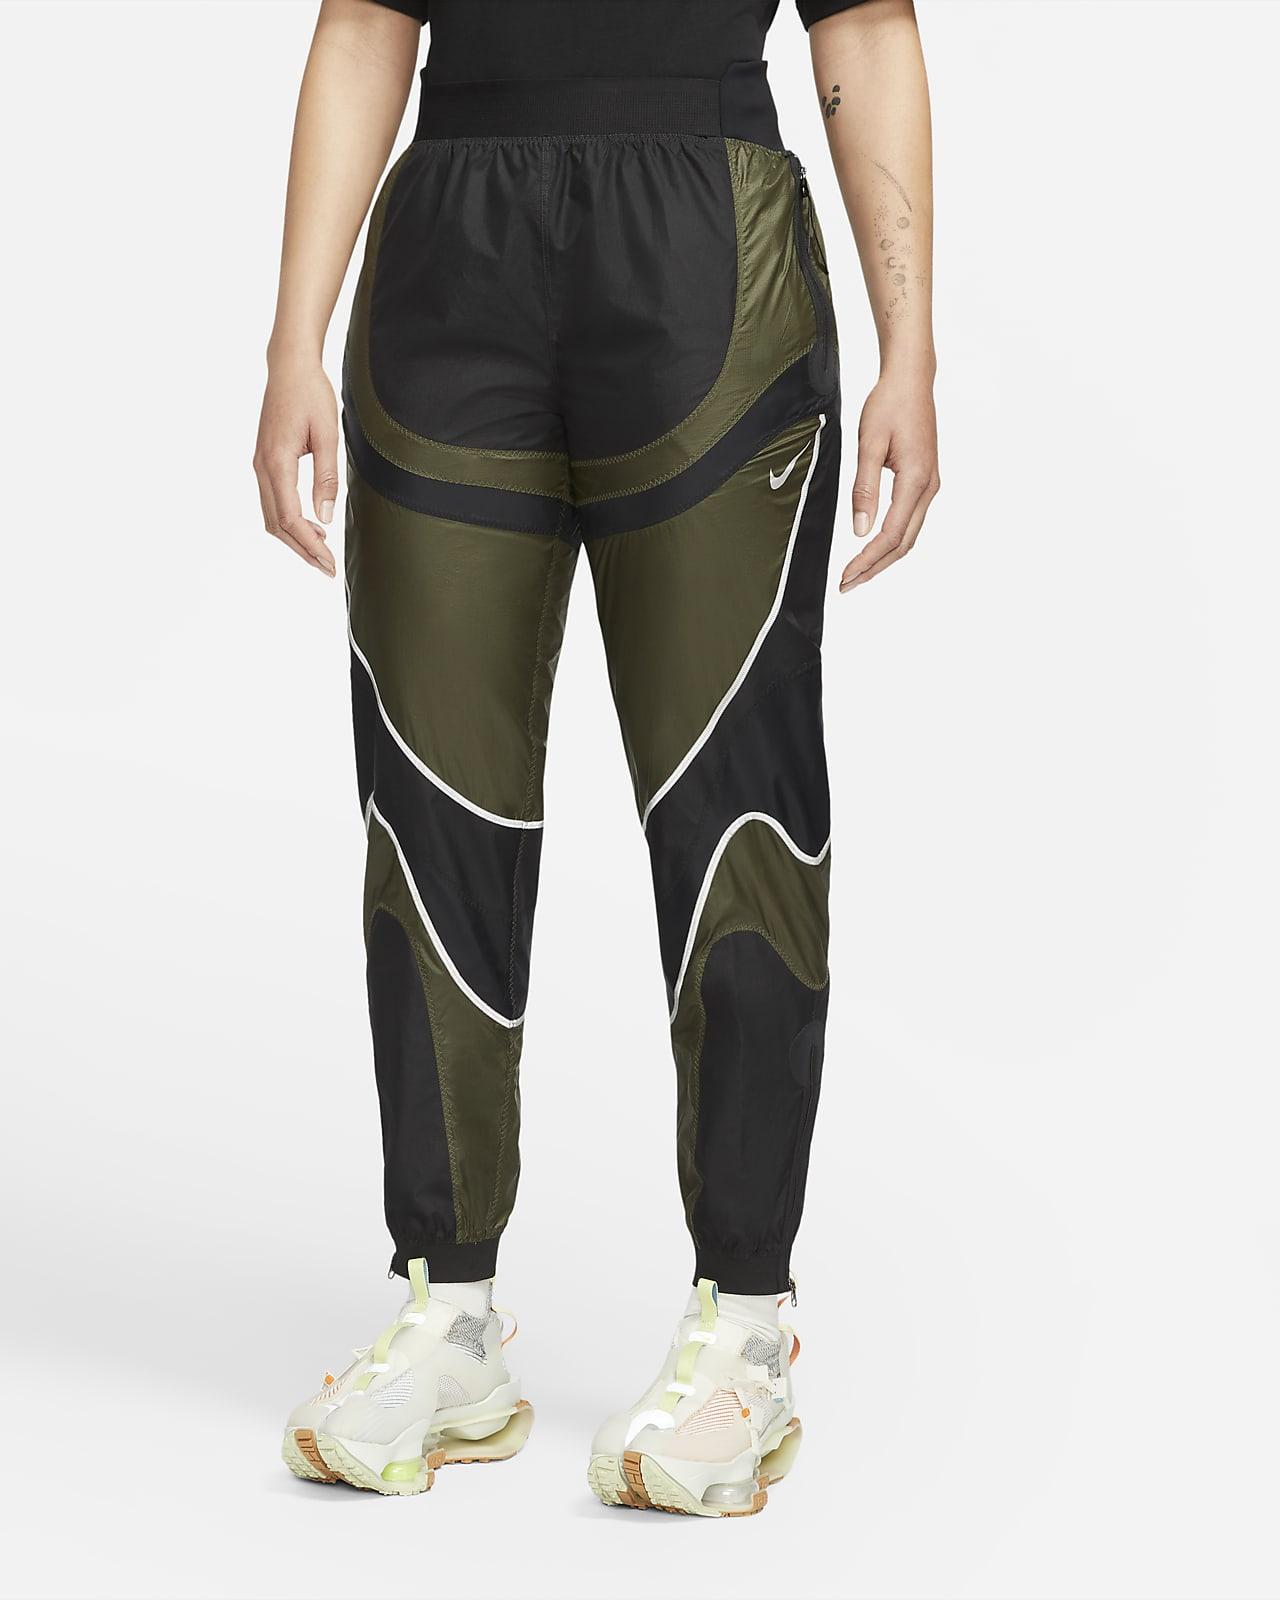 กางเกงขายาวผู้หญิง Nike iSPA